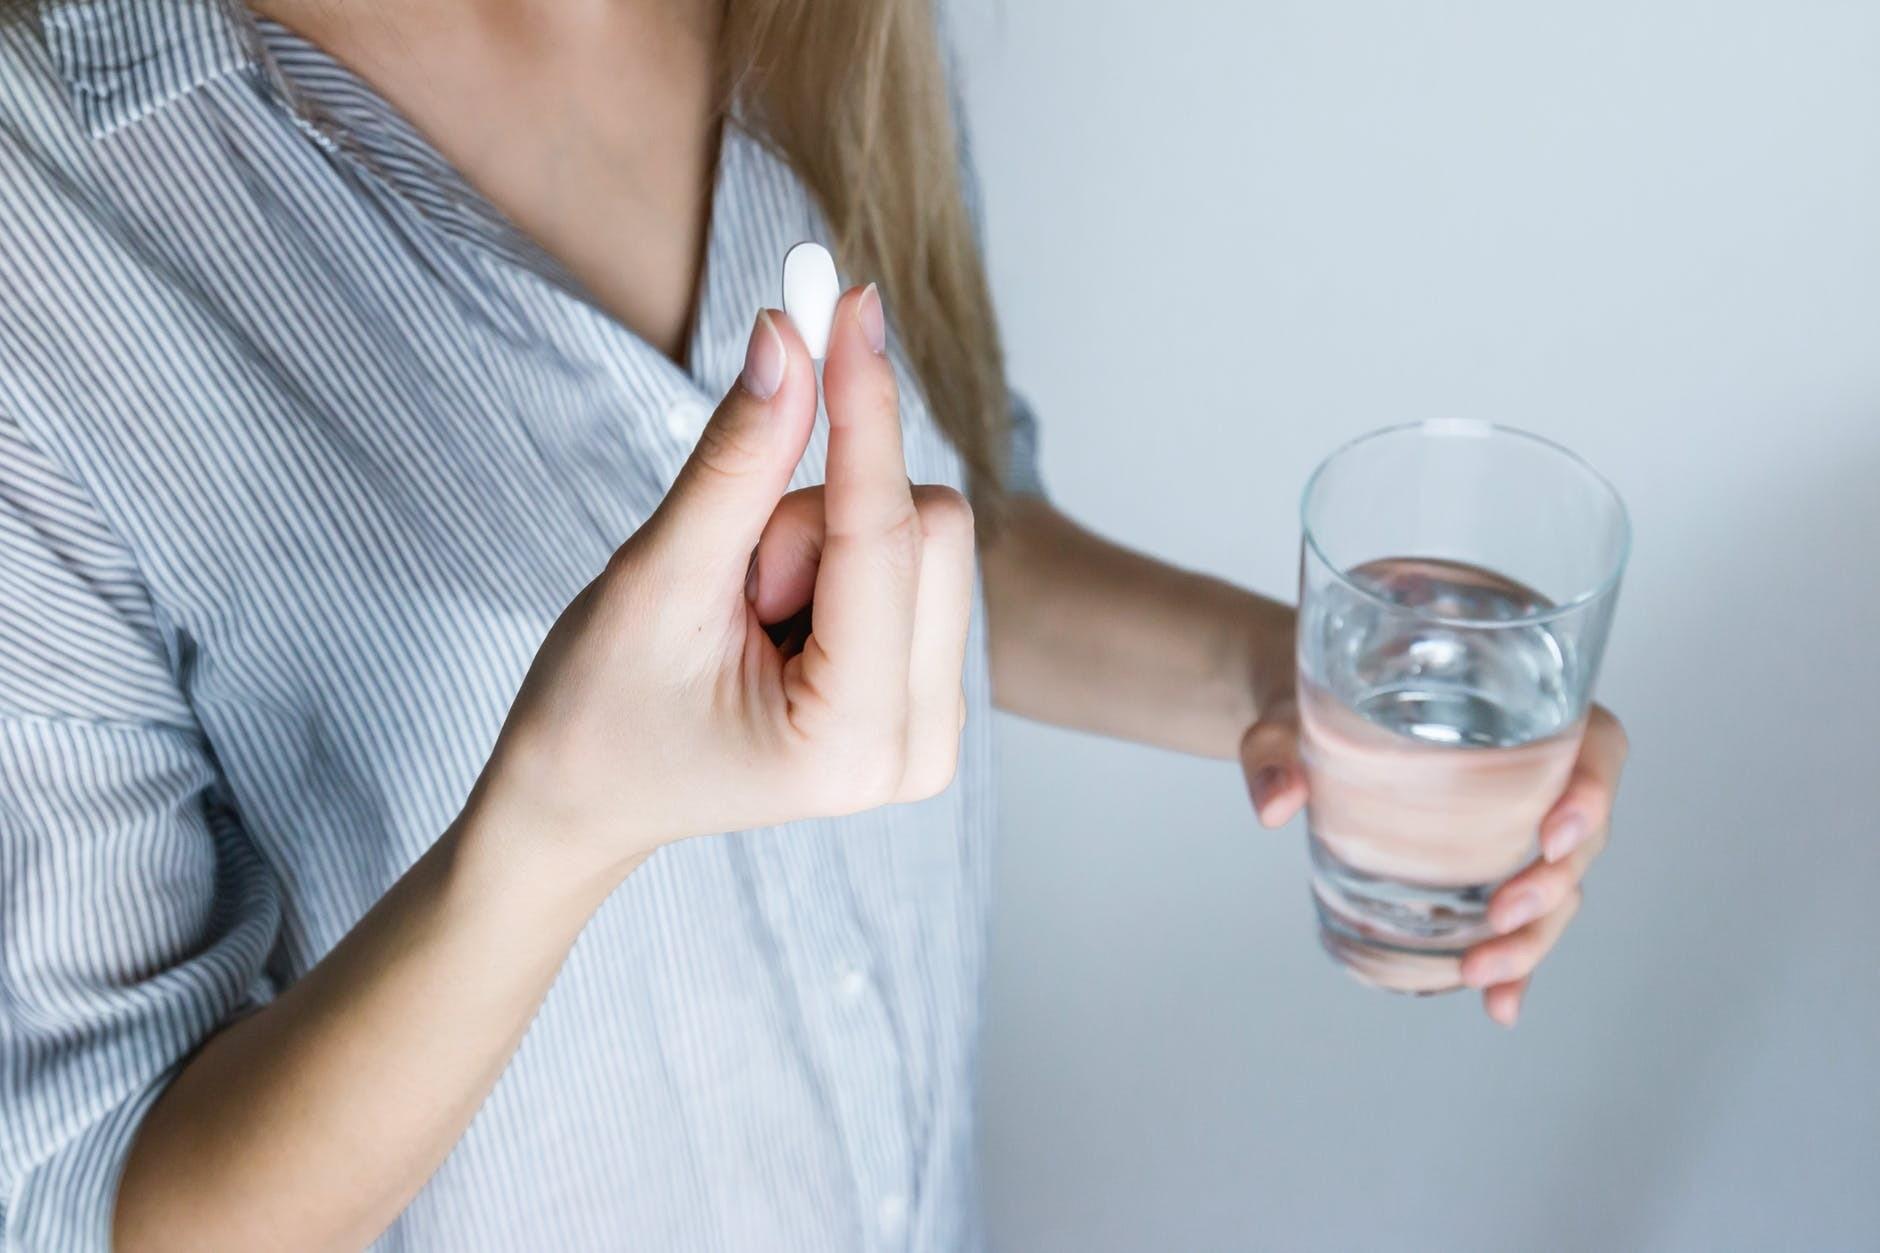 Осторожно, авитаминоз: чем грозит нехватка витамина В12 (и как это исправить)